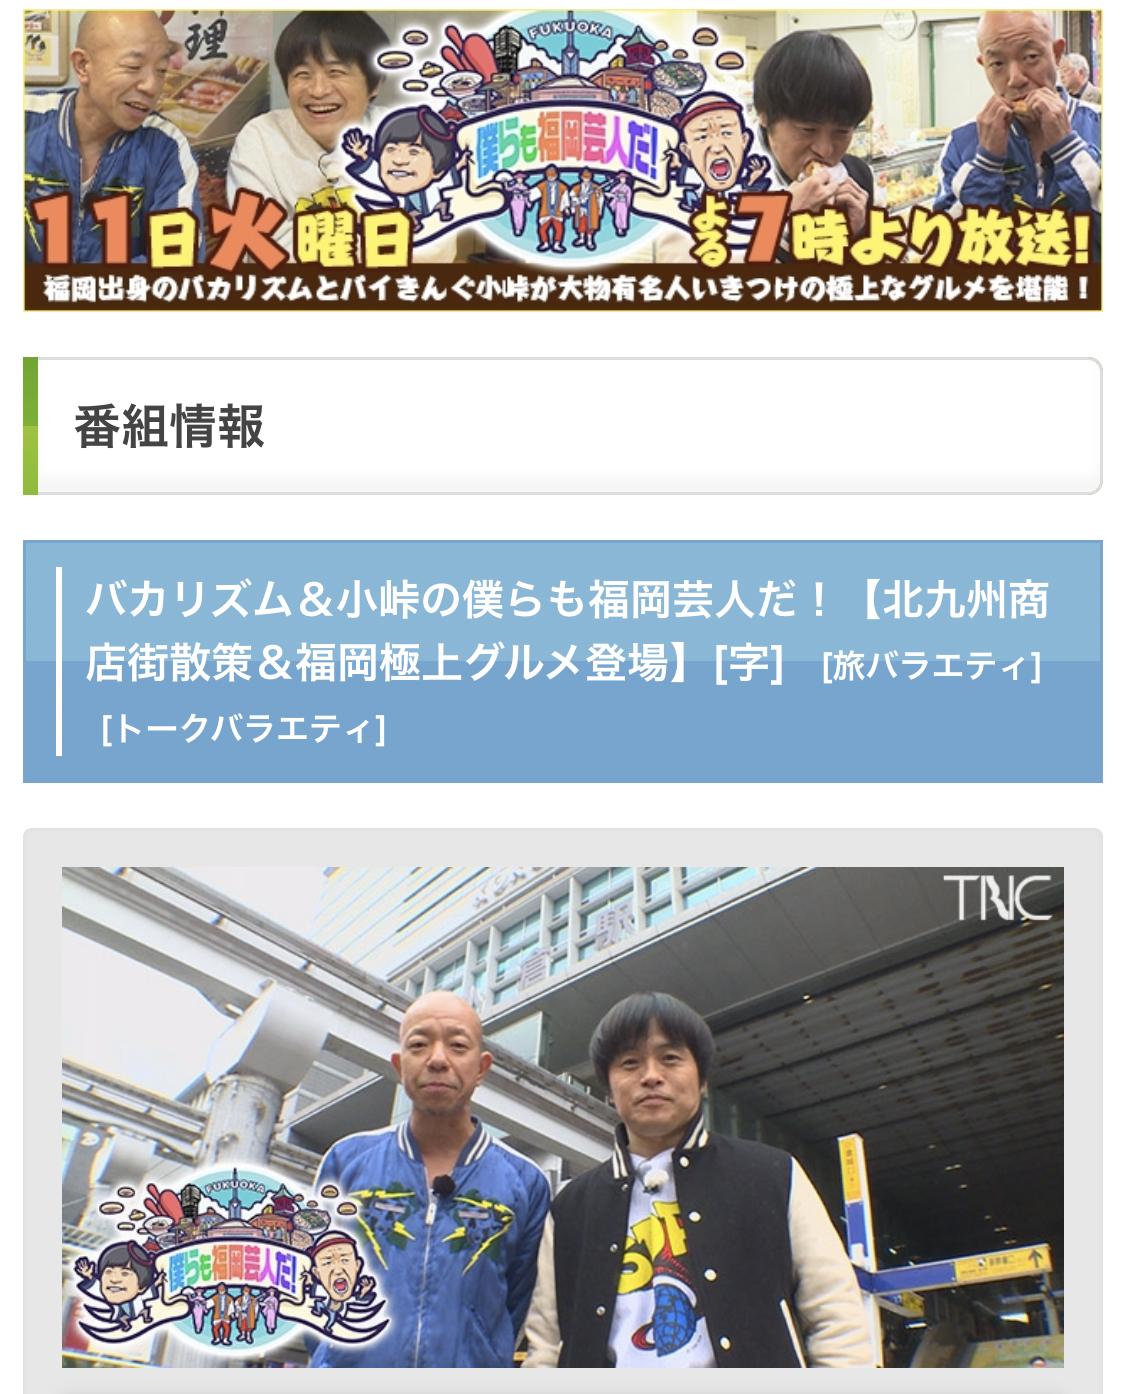 バカリズム&小峠の僕らも福岡芸人だ!